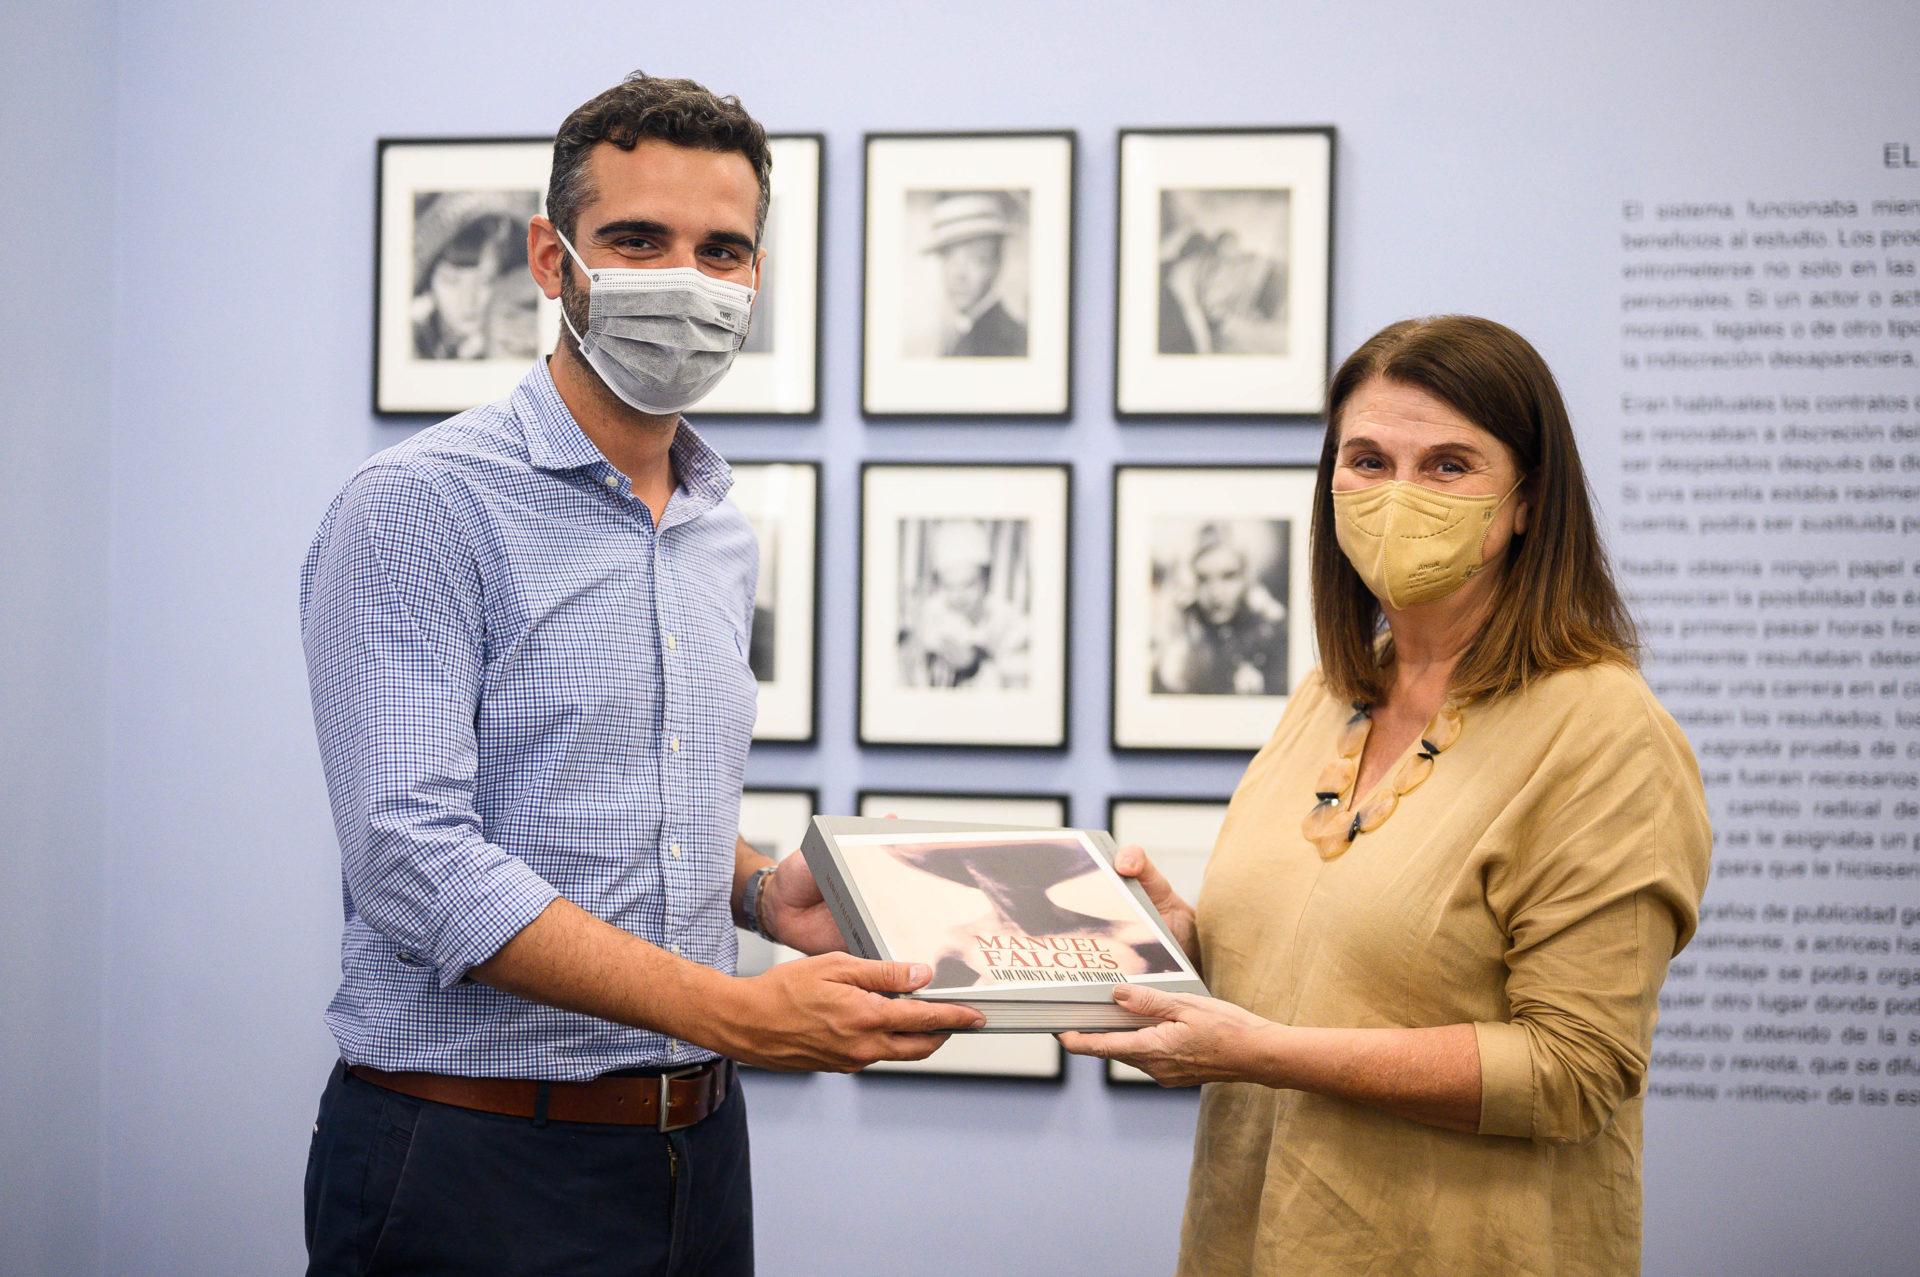 El alcalde recibe el libro sobre Manuel Falces de manos de su viuda y editora, Matilde Sánchez